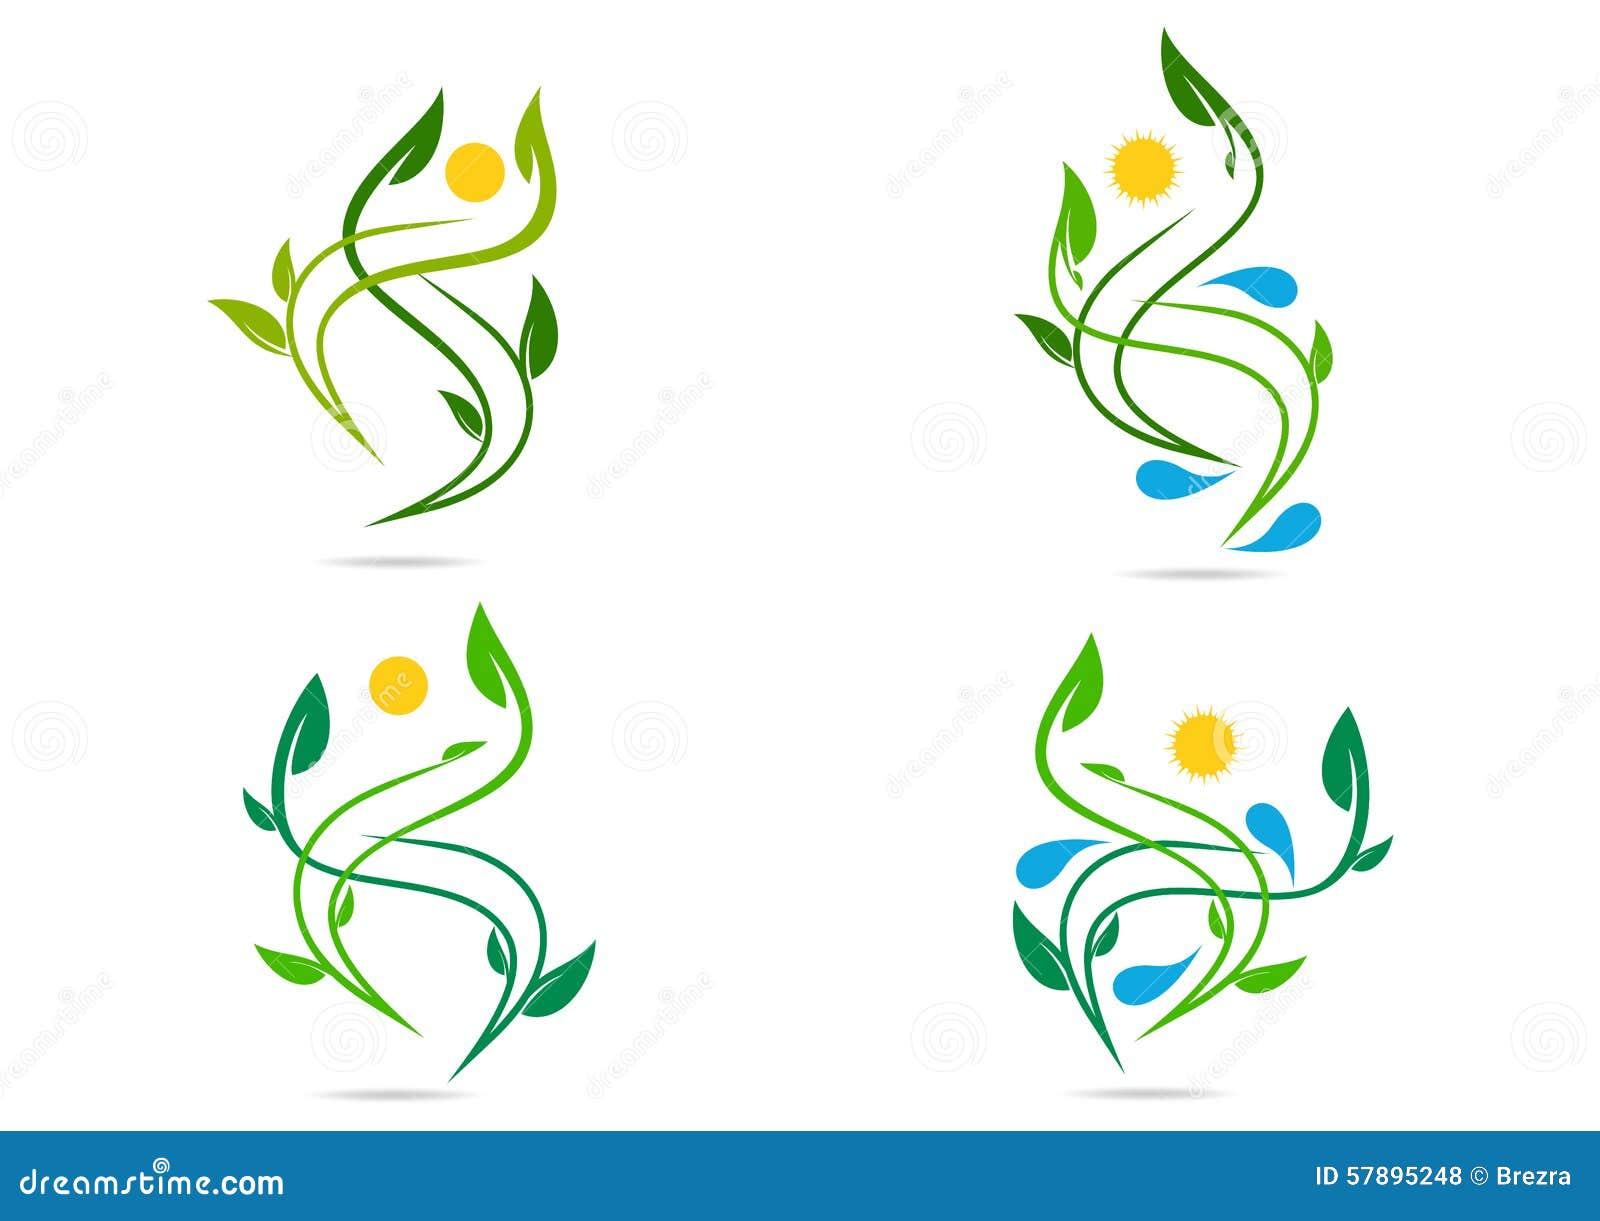 Povos, planta, água, natural, logotipo, saúde, sol, folha, ecologia, grupo do vetor do projeto do ícone do símbolo